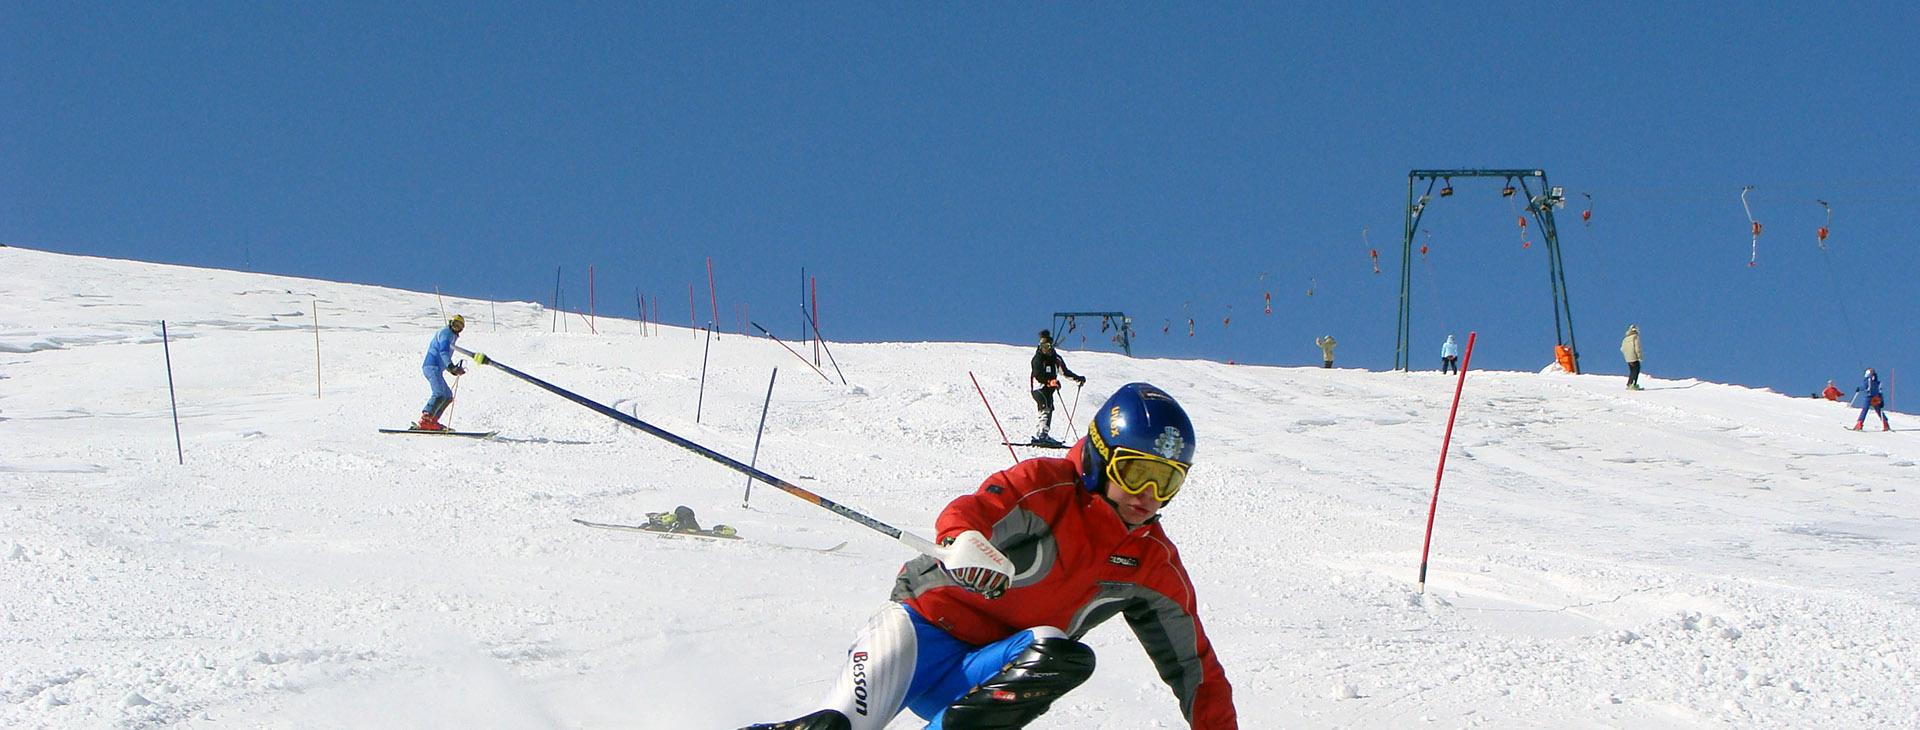 Kaimaktsalan ski center, Pella